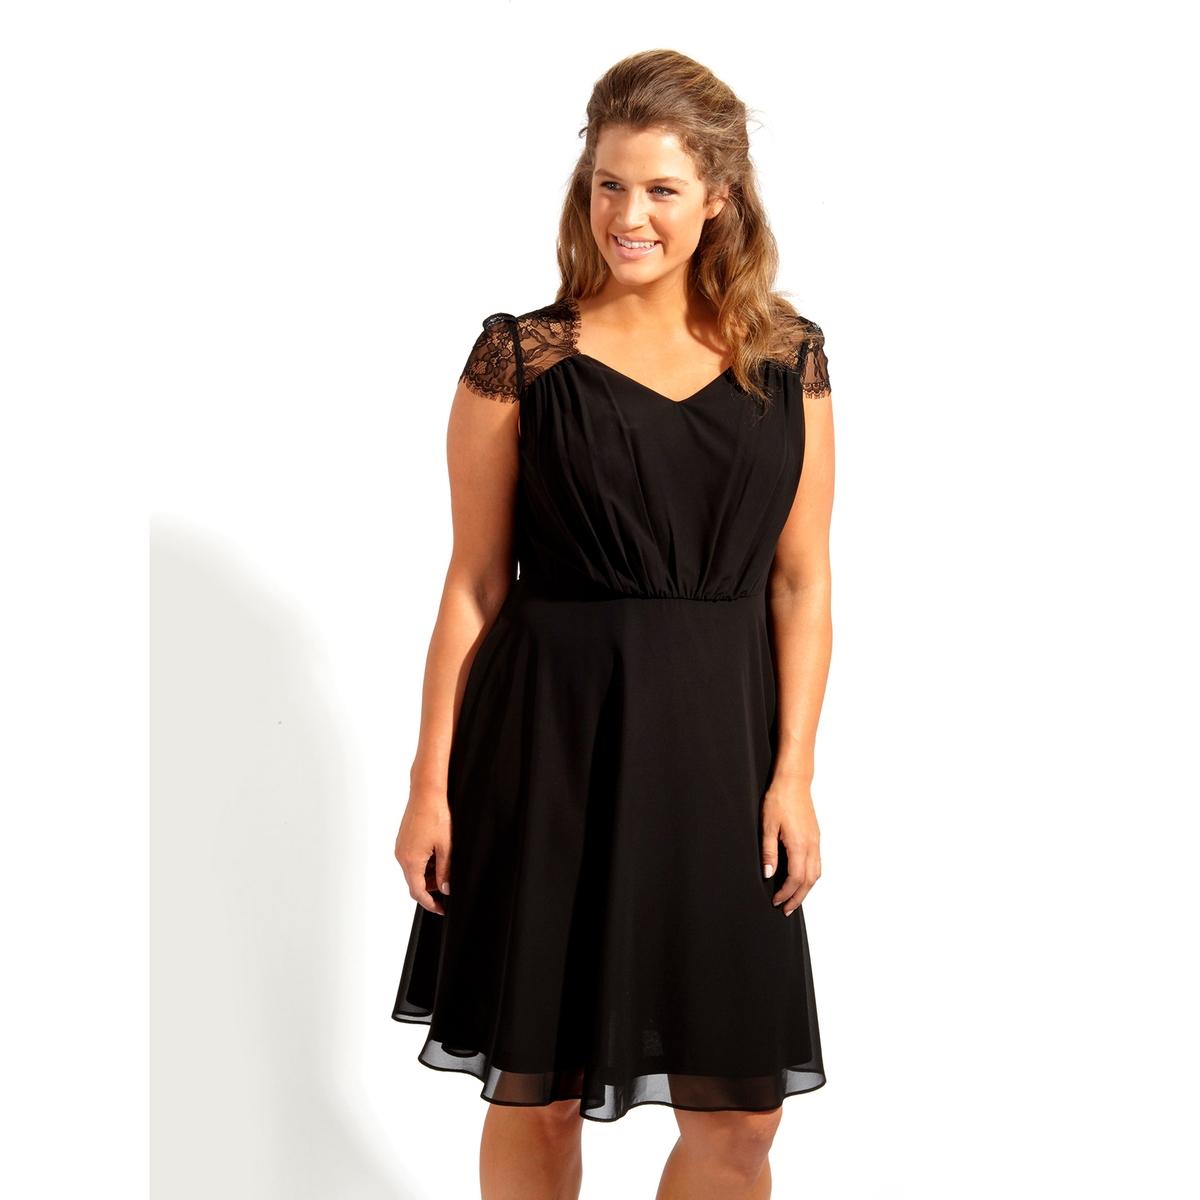 ПлатьеПлатье - KOKO BY KOKO. Красивое платье из прозрачного кружева сверху . 100% полиэстер<br><br>Цвет: черный